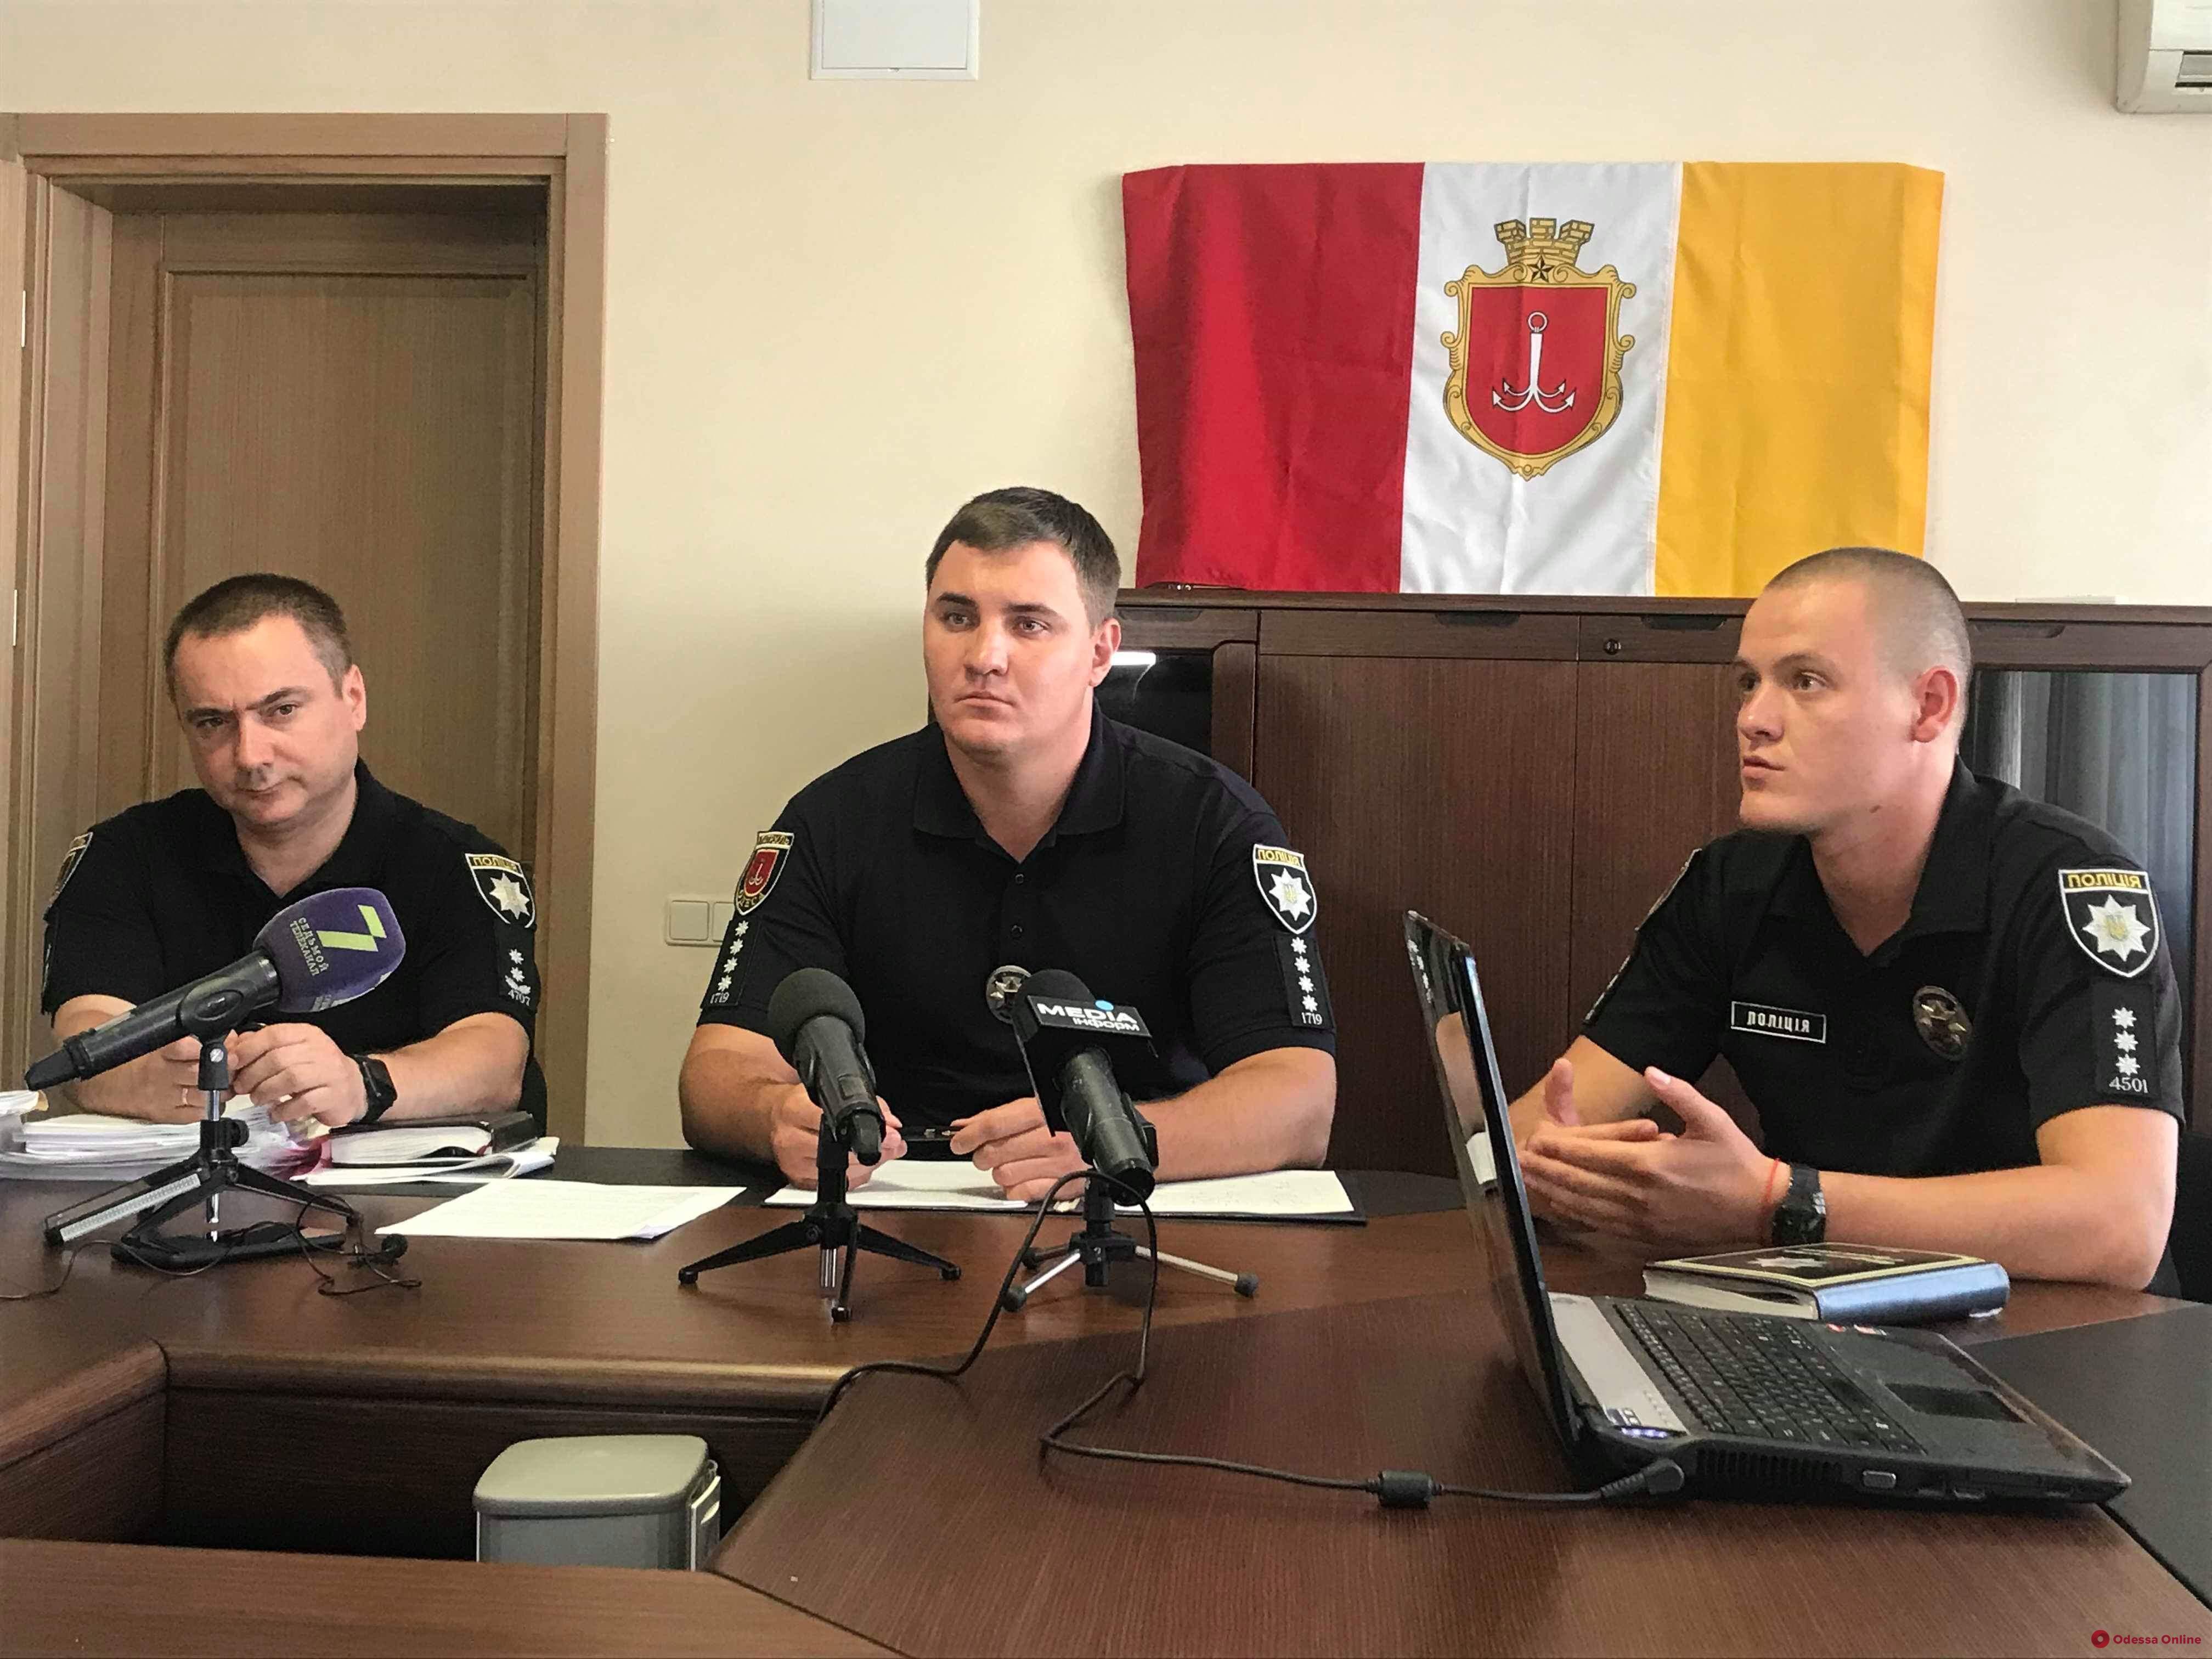 В управлении Патрульной полиции опровергли заявление об угрозах в адрес сотрудника